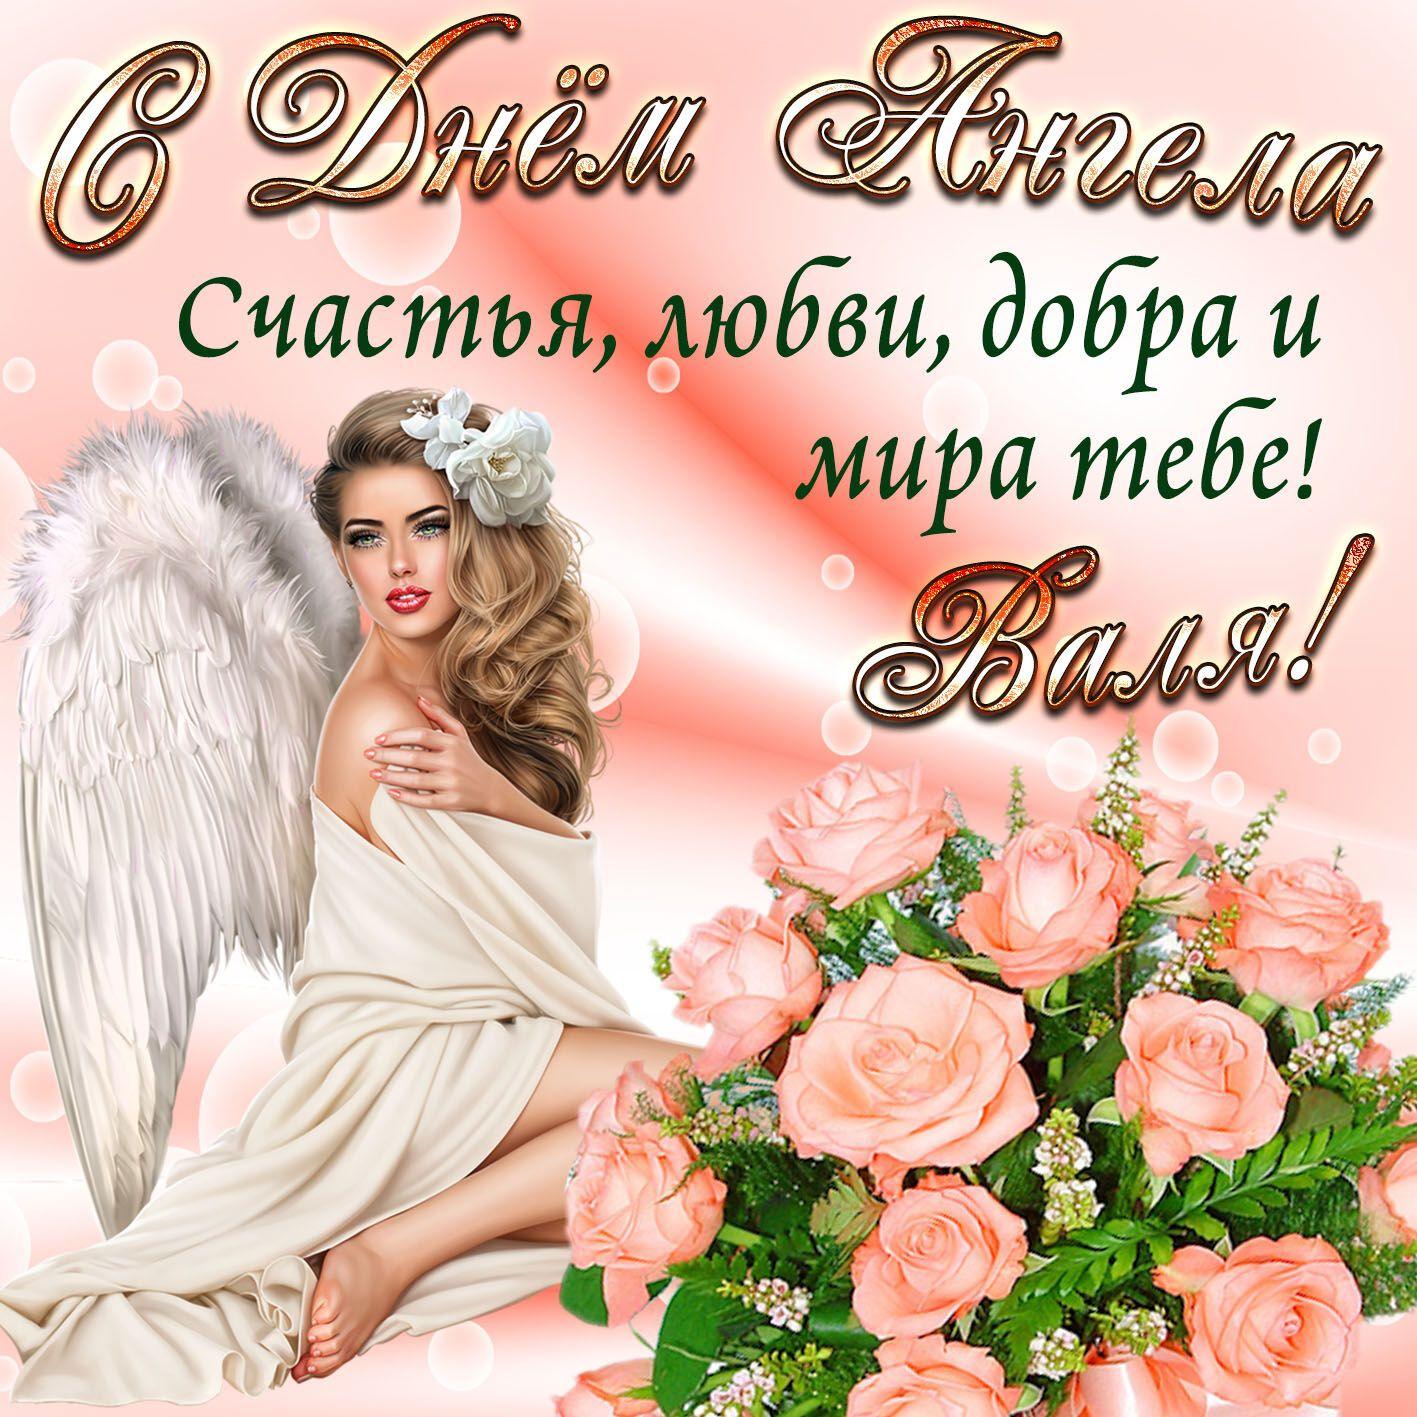 День ангела валентины женщины день рождения 16 июня